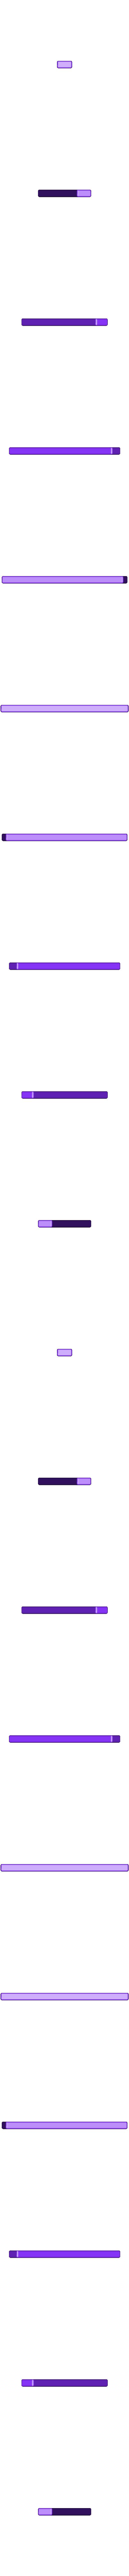 Bar_top.stl Télécharger fichier STL gratuit Réservoir d'ondulation • Modèle pour impression 3D, poblocki1982